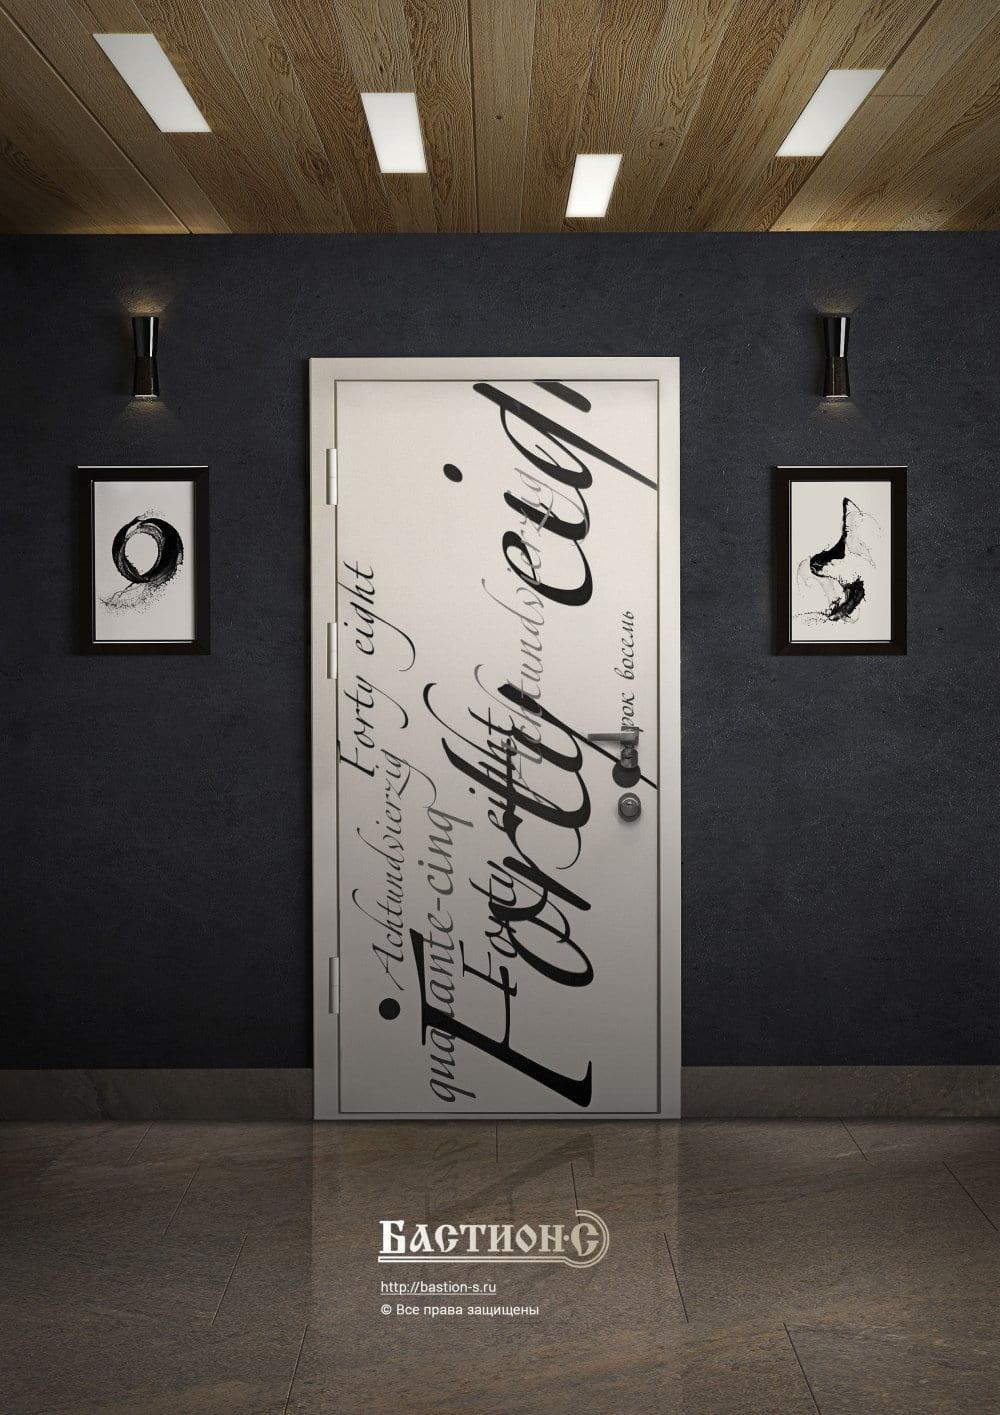 стальные двери бастион фото интерьер